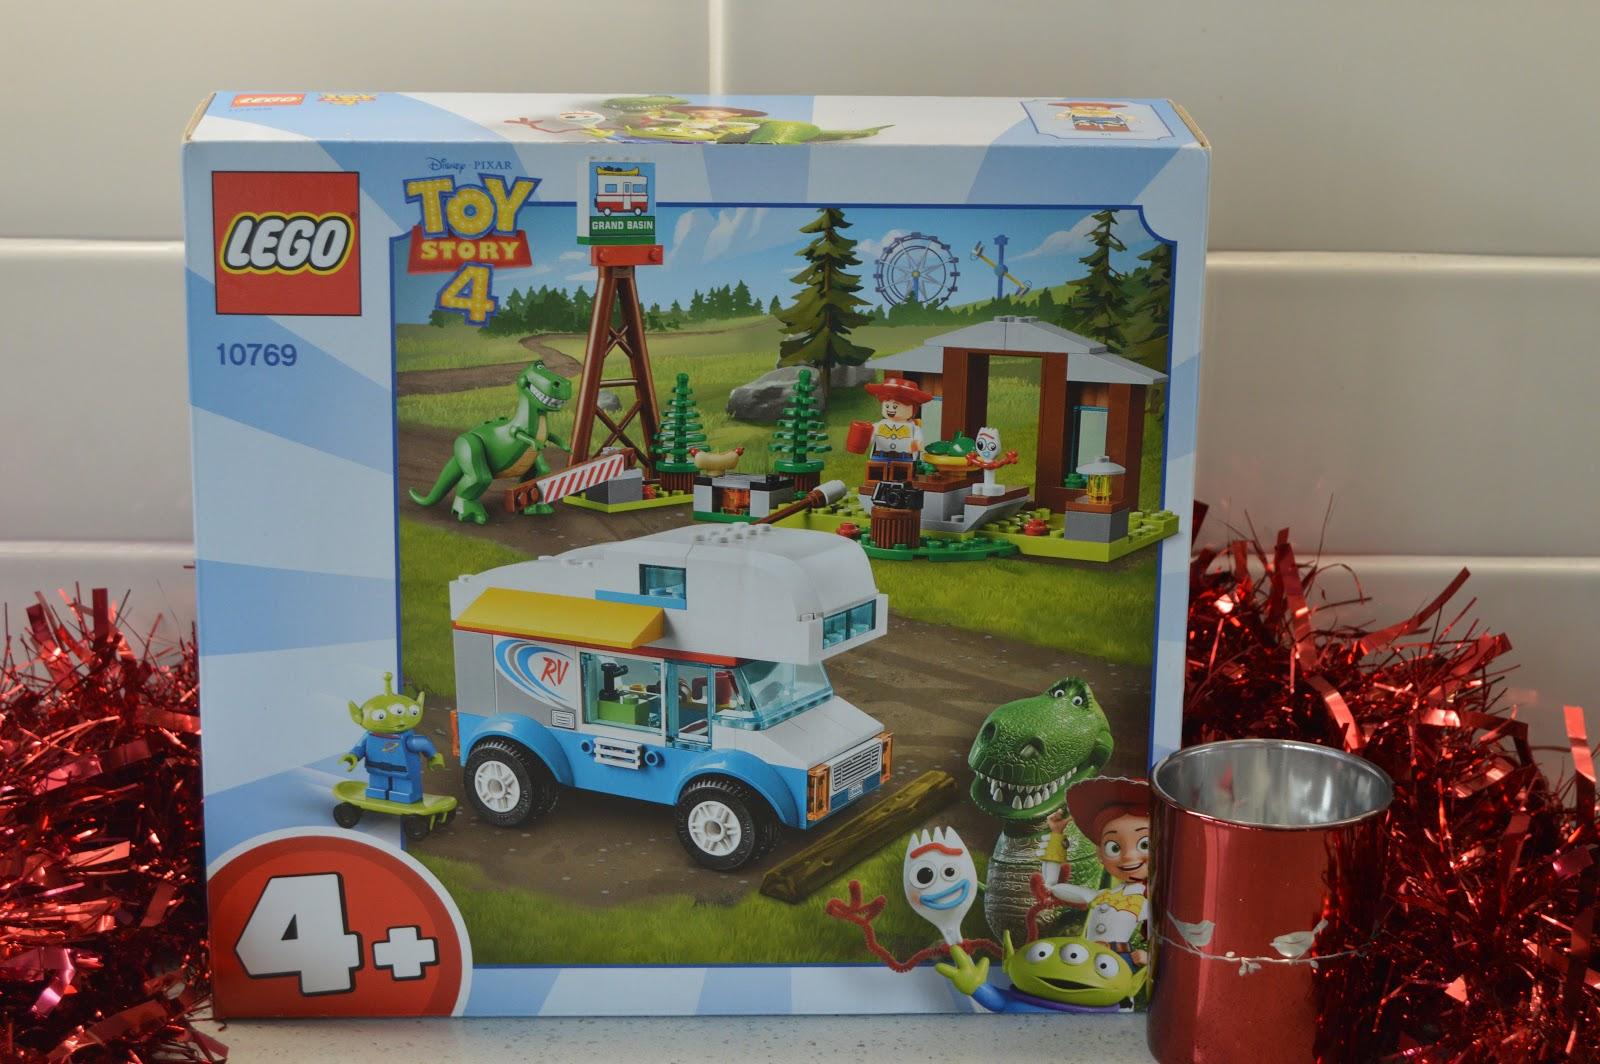 Toy Story 4 RV Lego Set